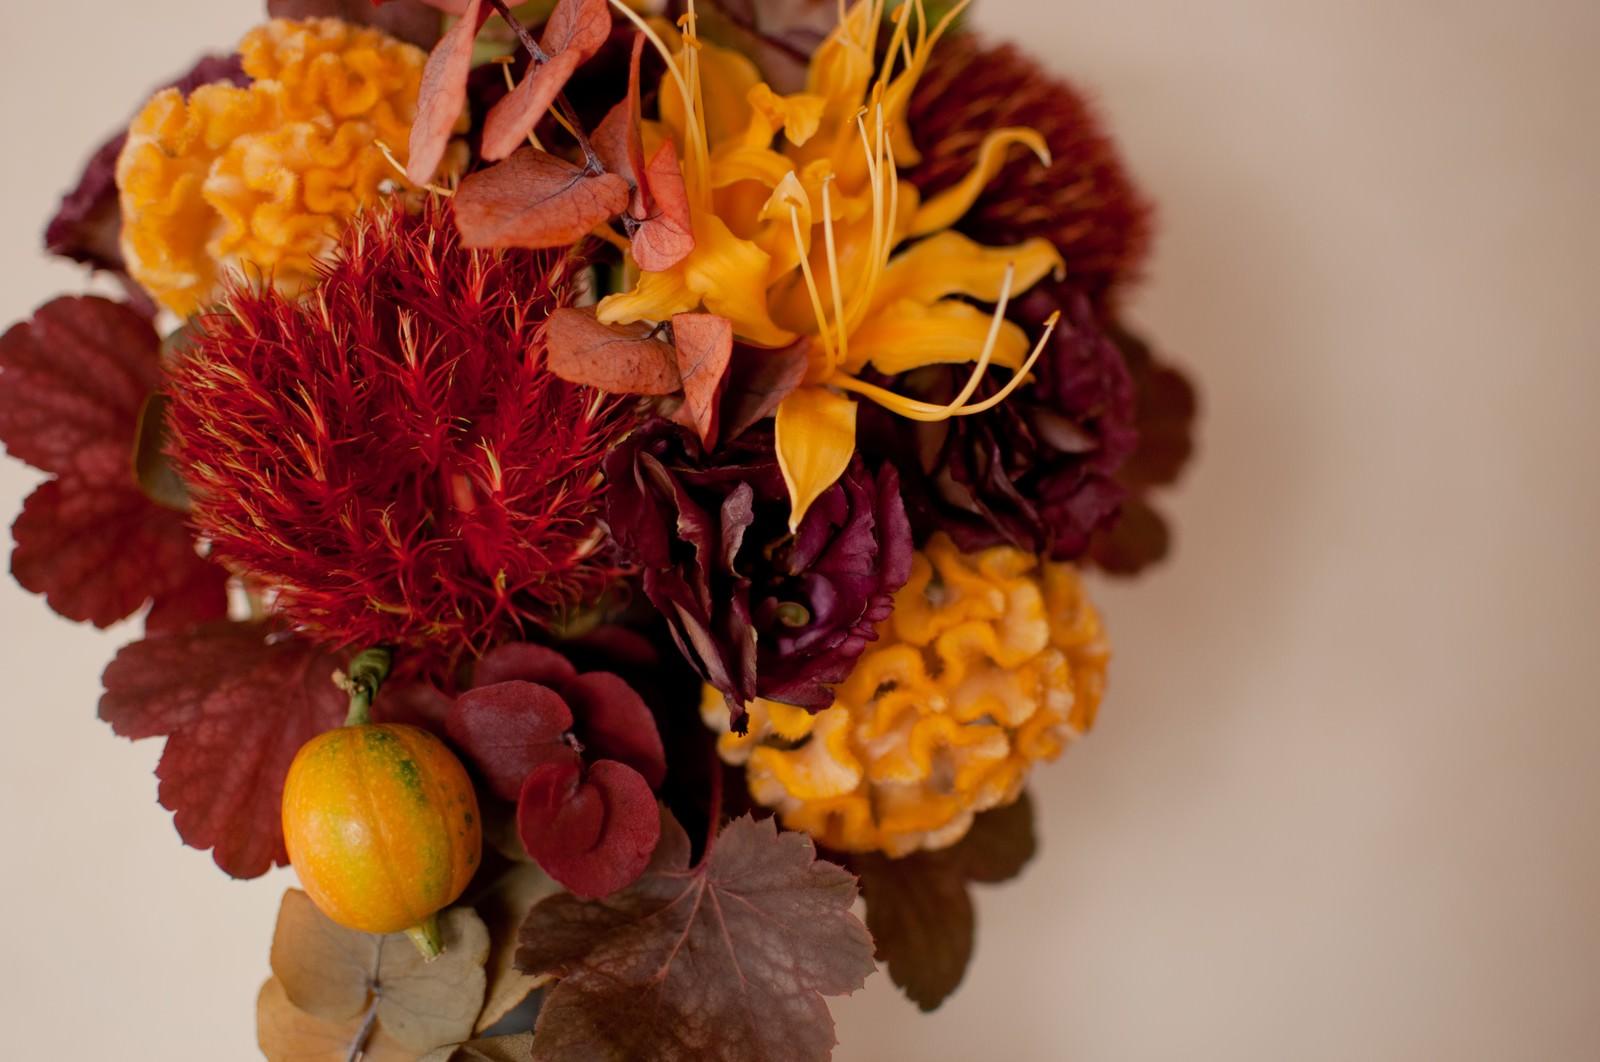 「秋のフラワーアレンジメント」の写真